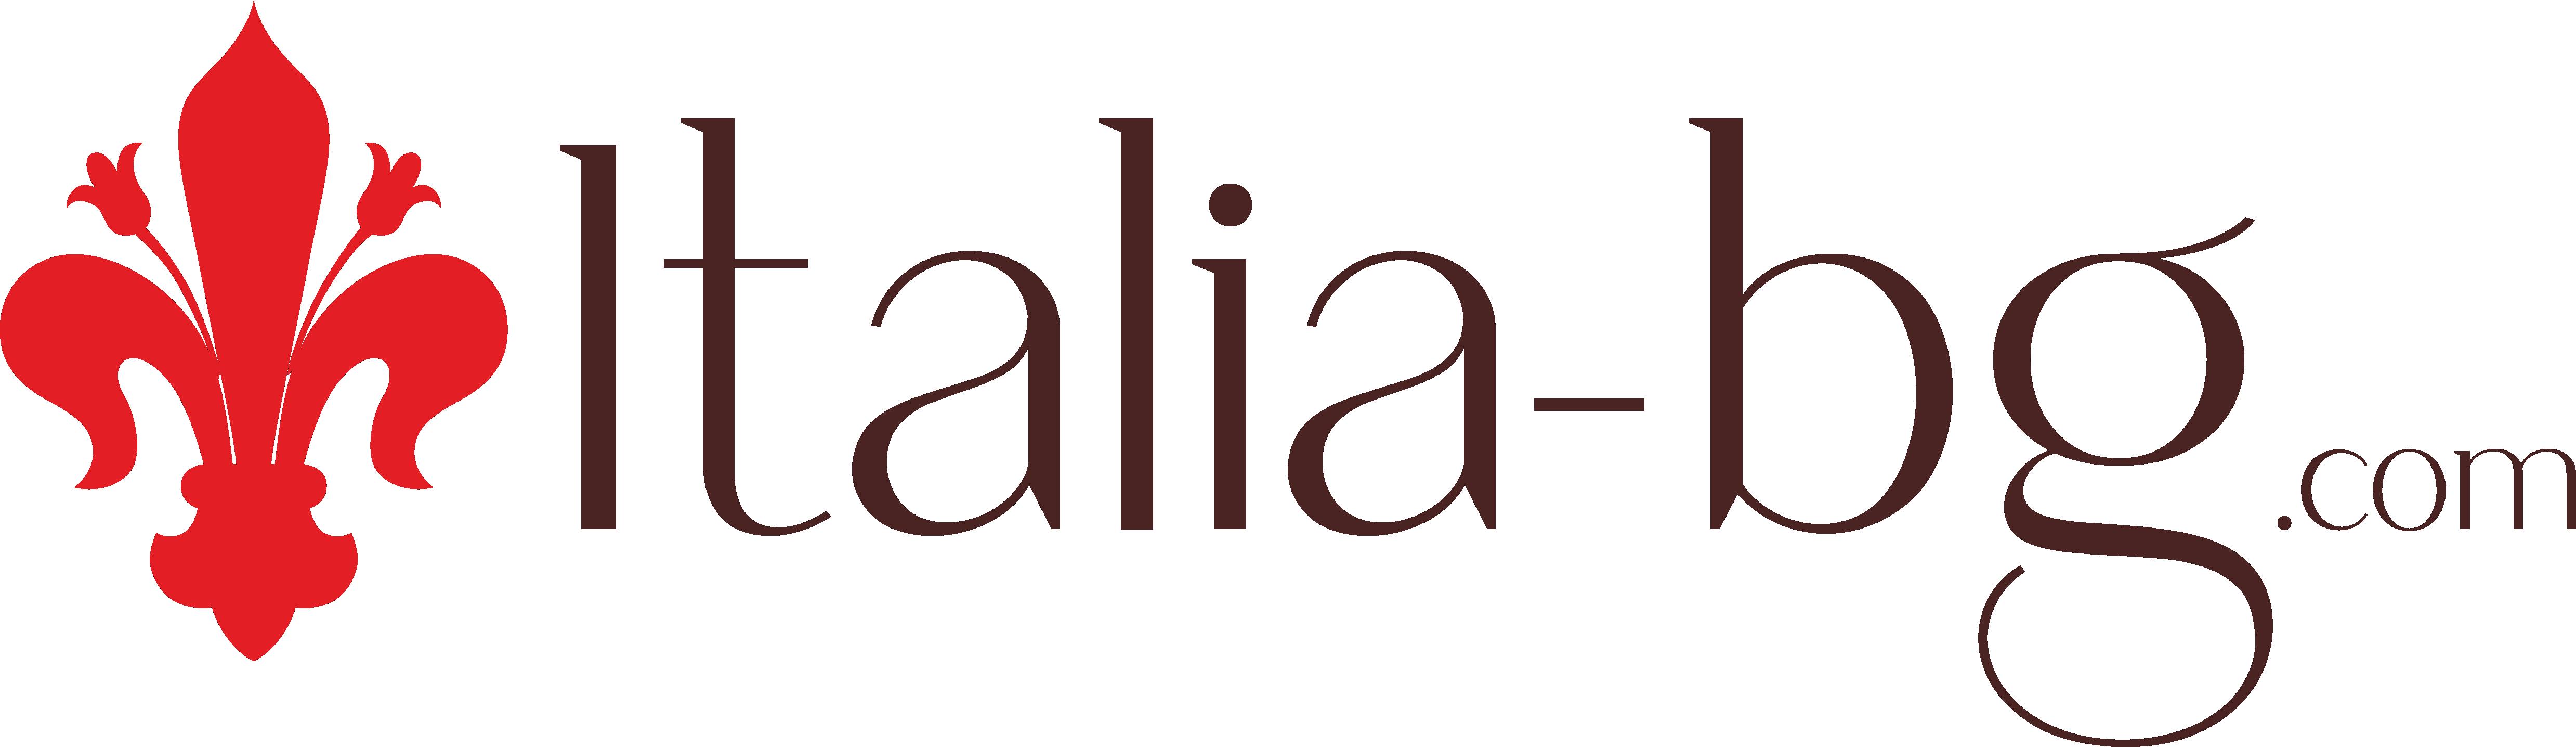 Italia-bg.com - автентични италиански продукти